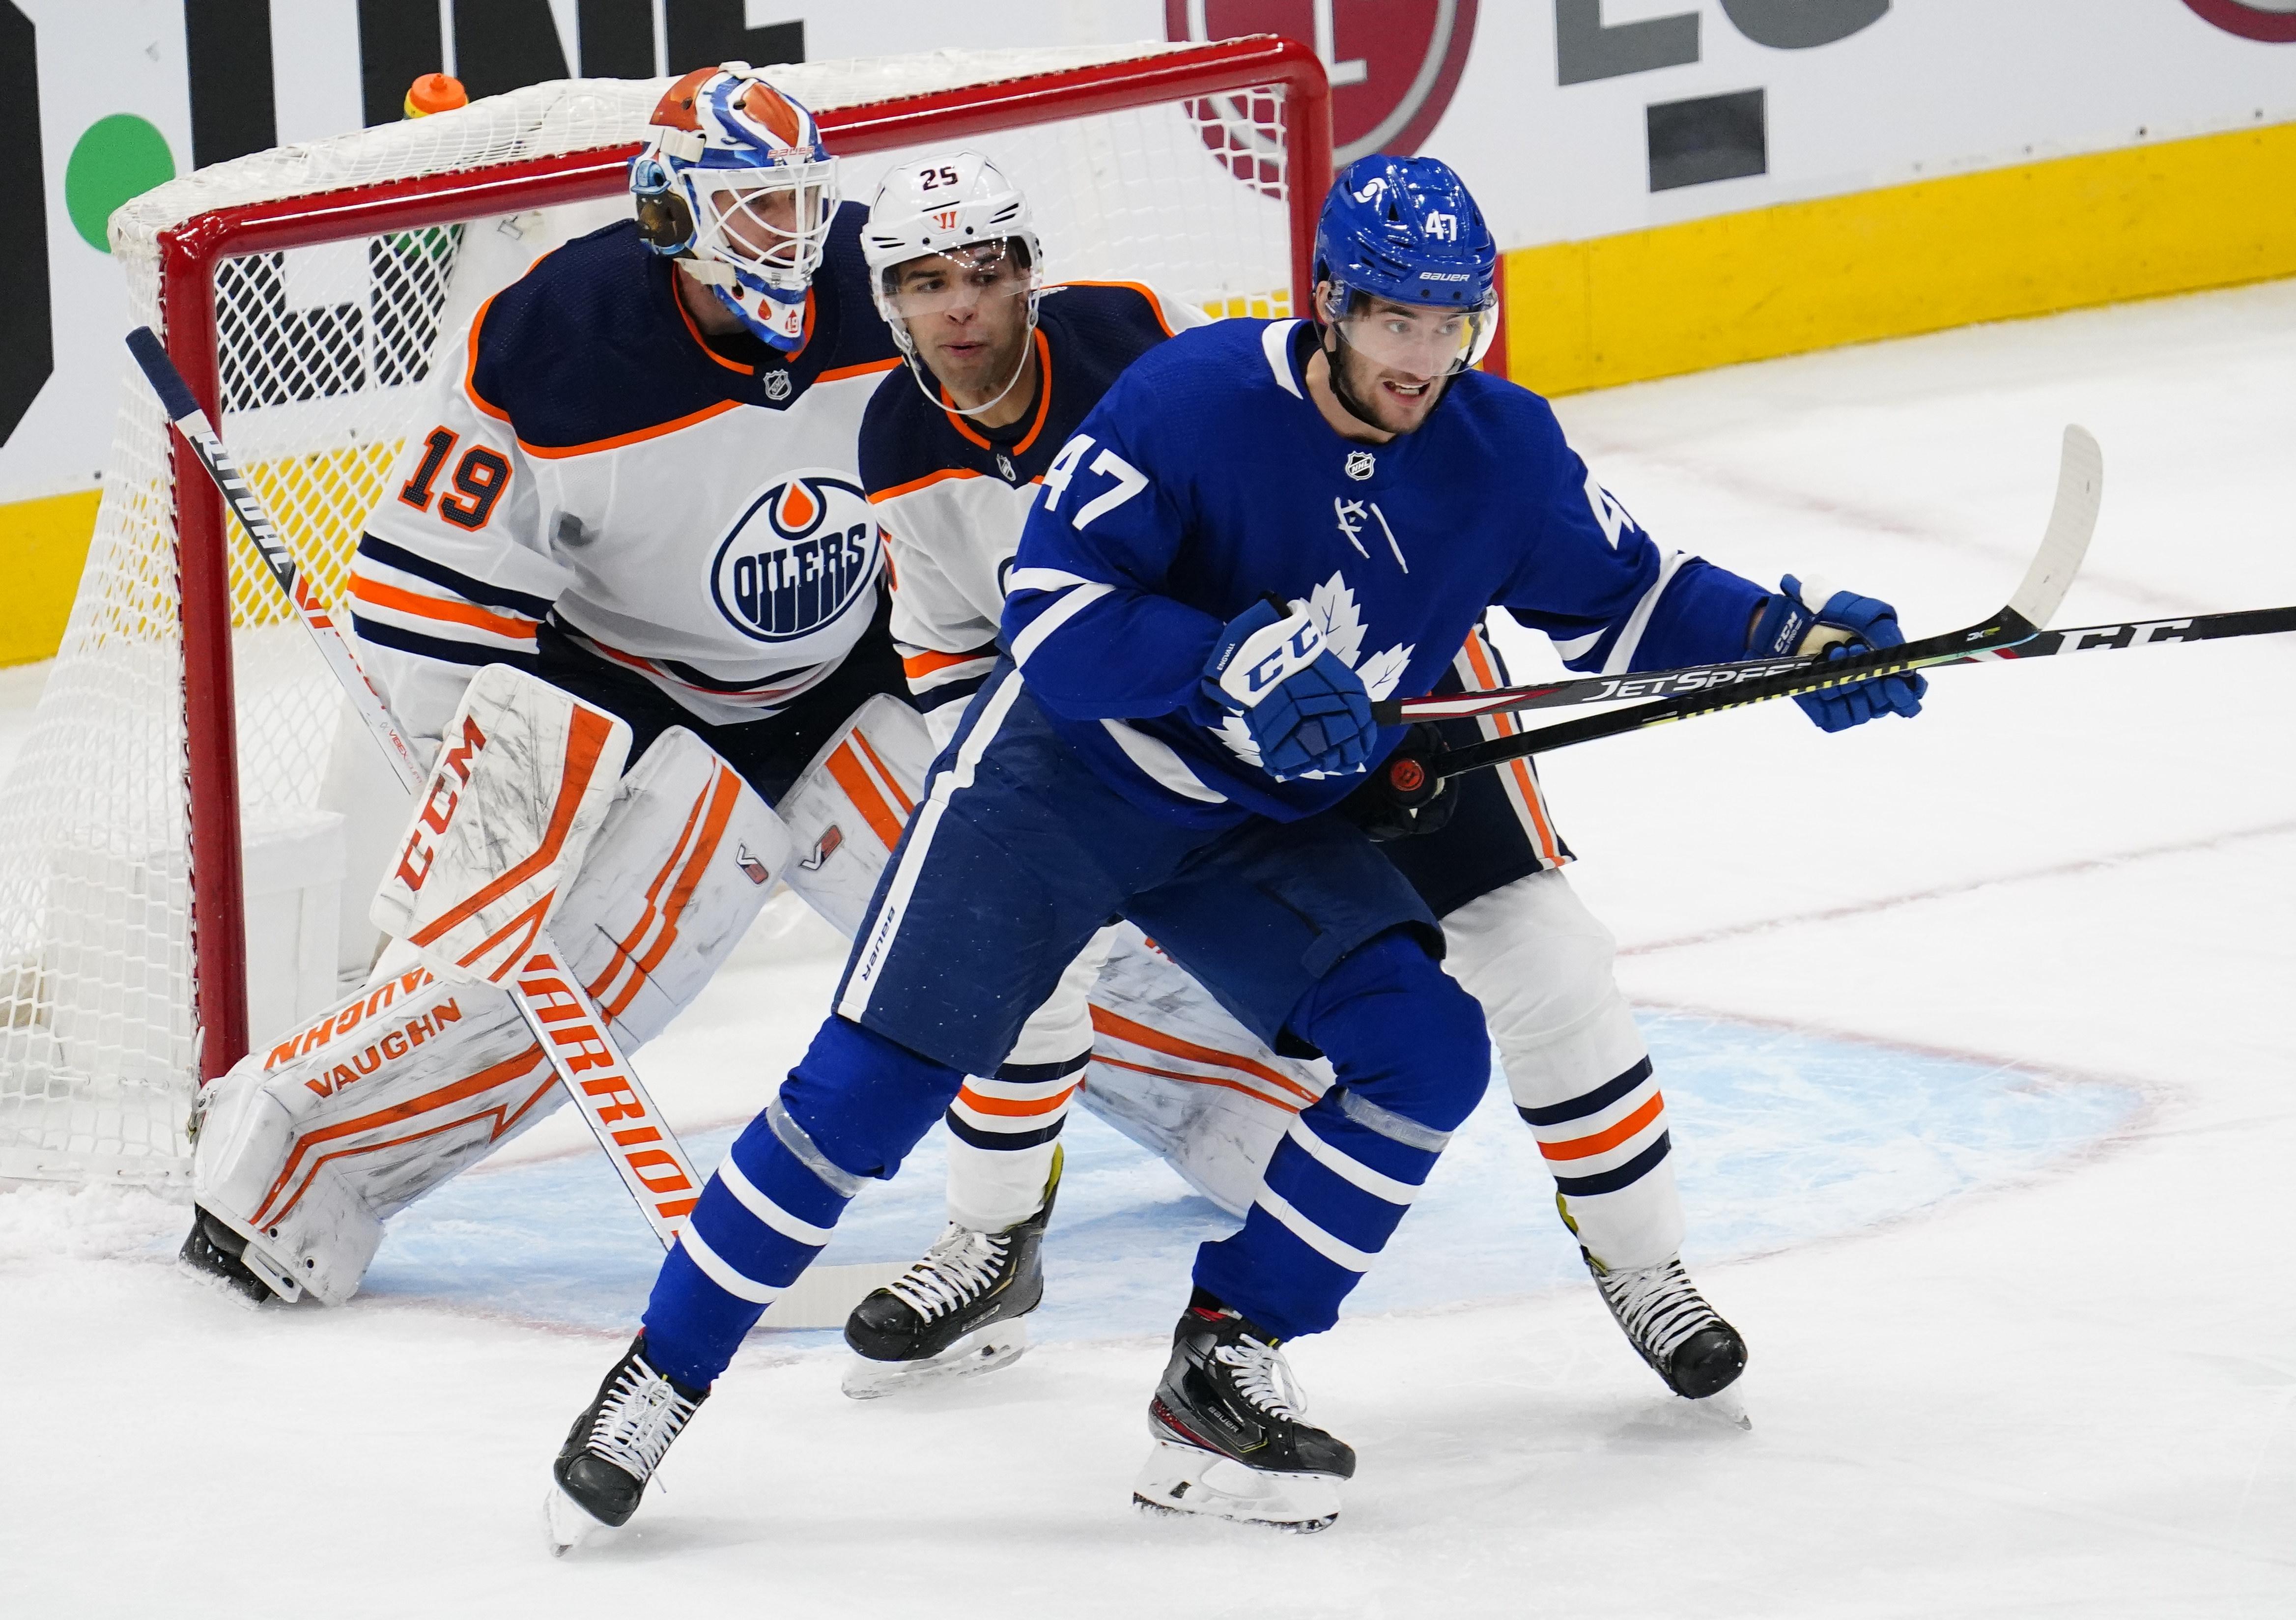 NHL: Edmonton Oilers at Toronto Maple Leafs